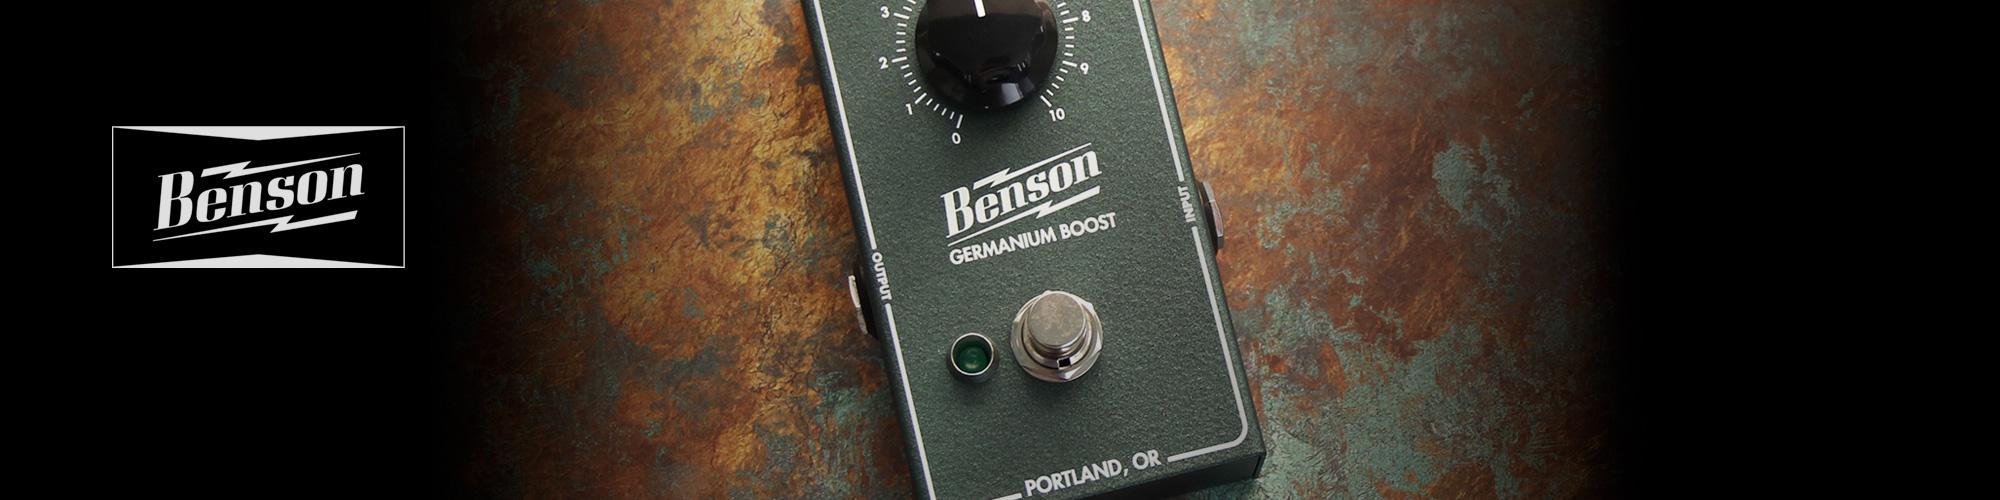 Benson Amps Germanium Boost